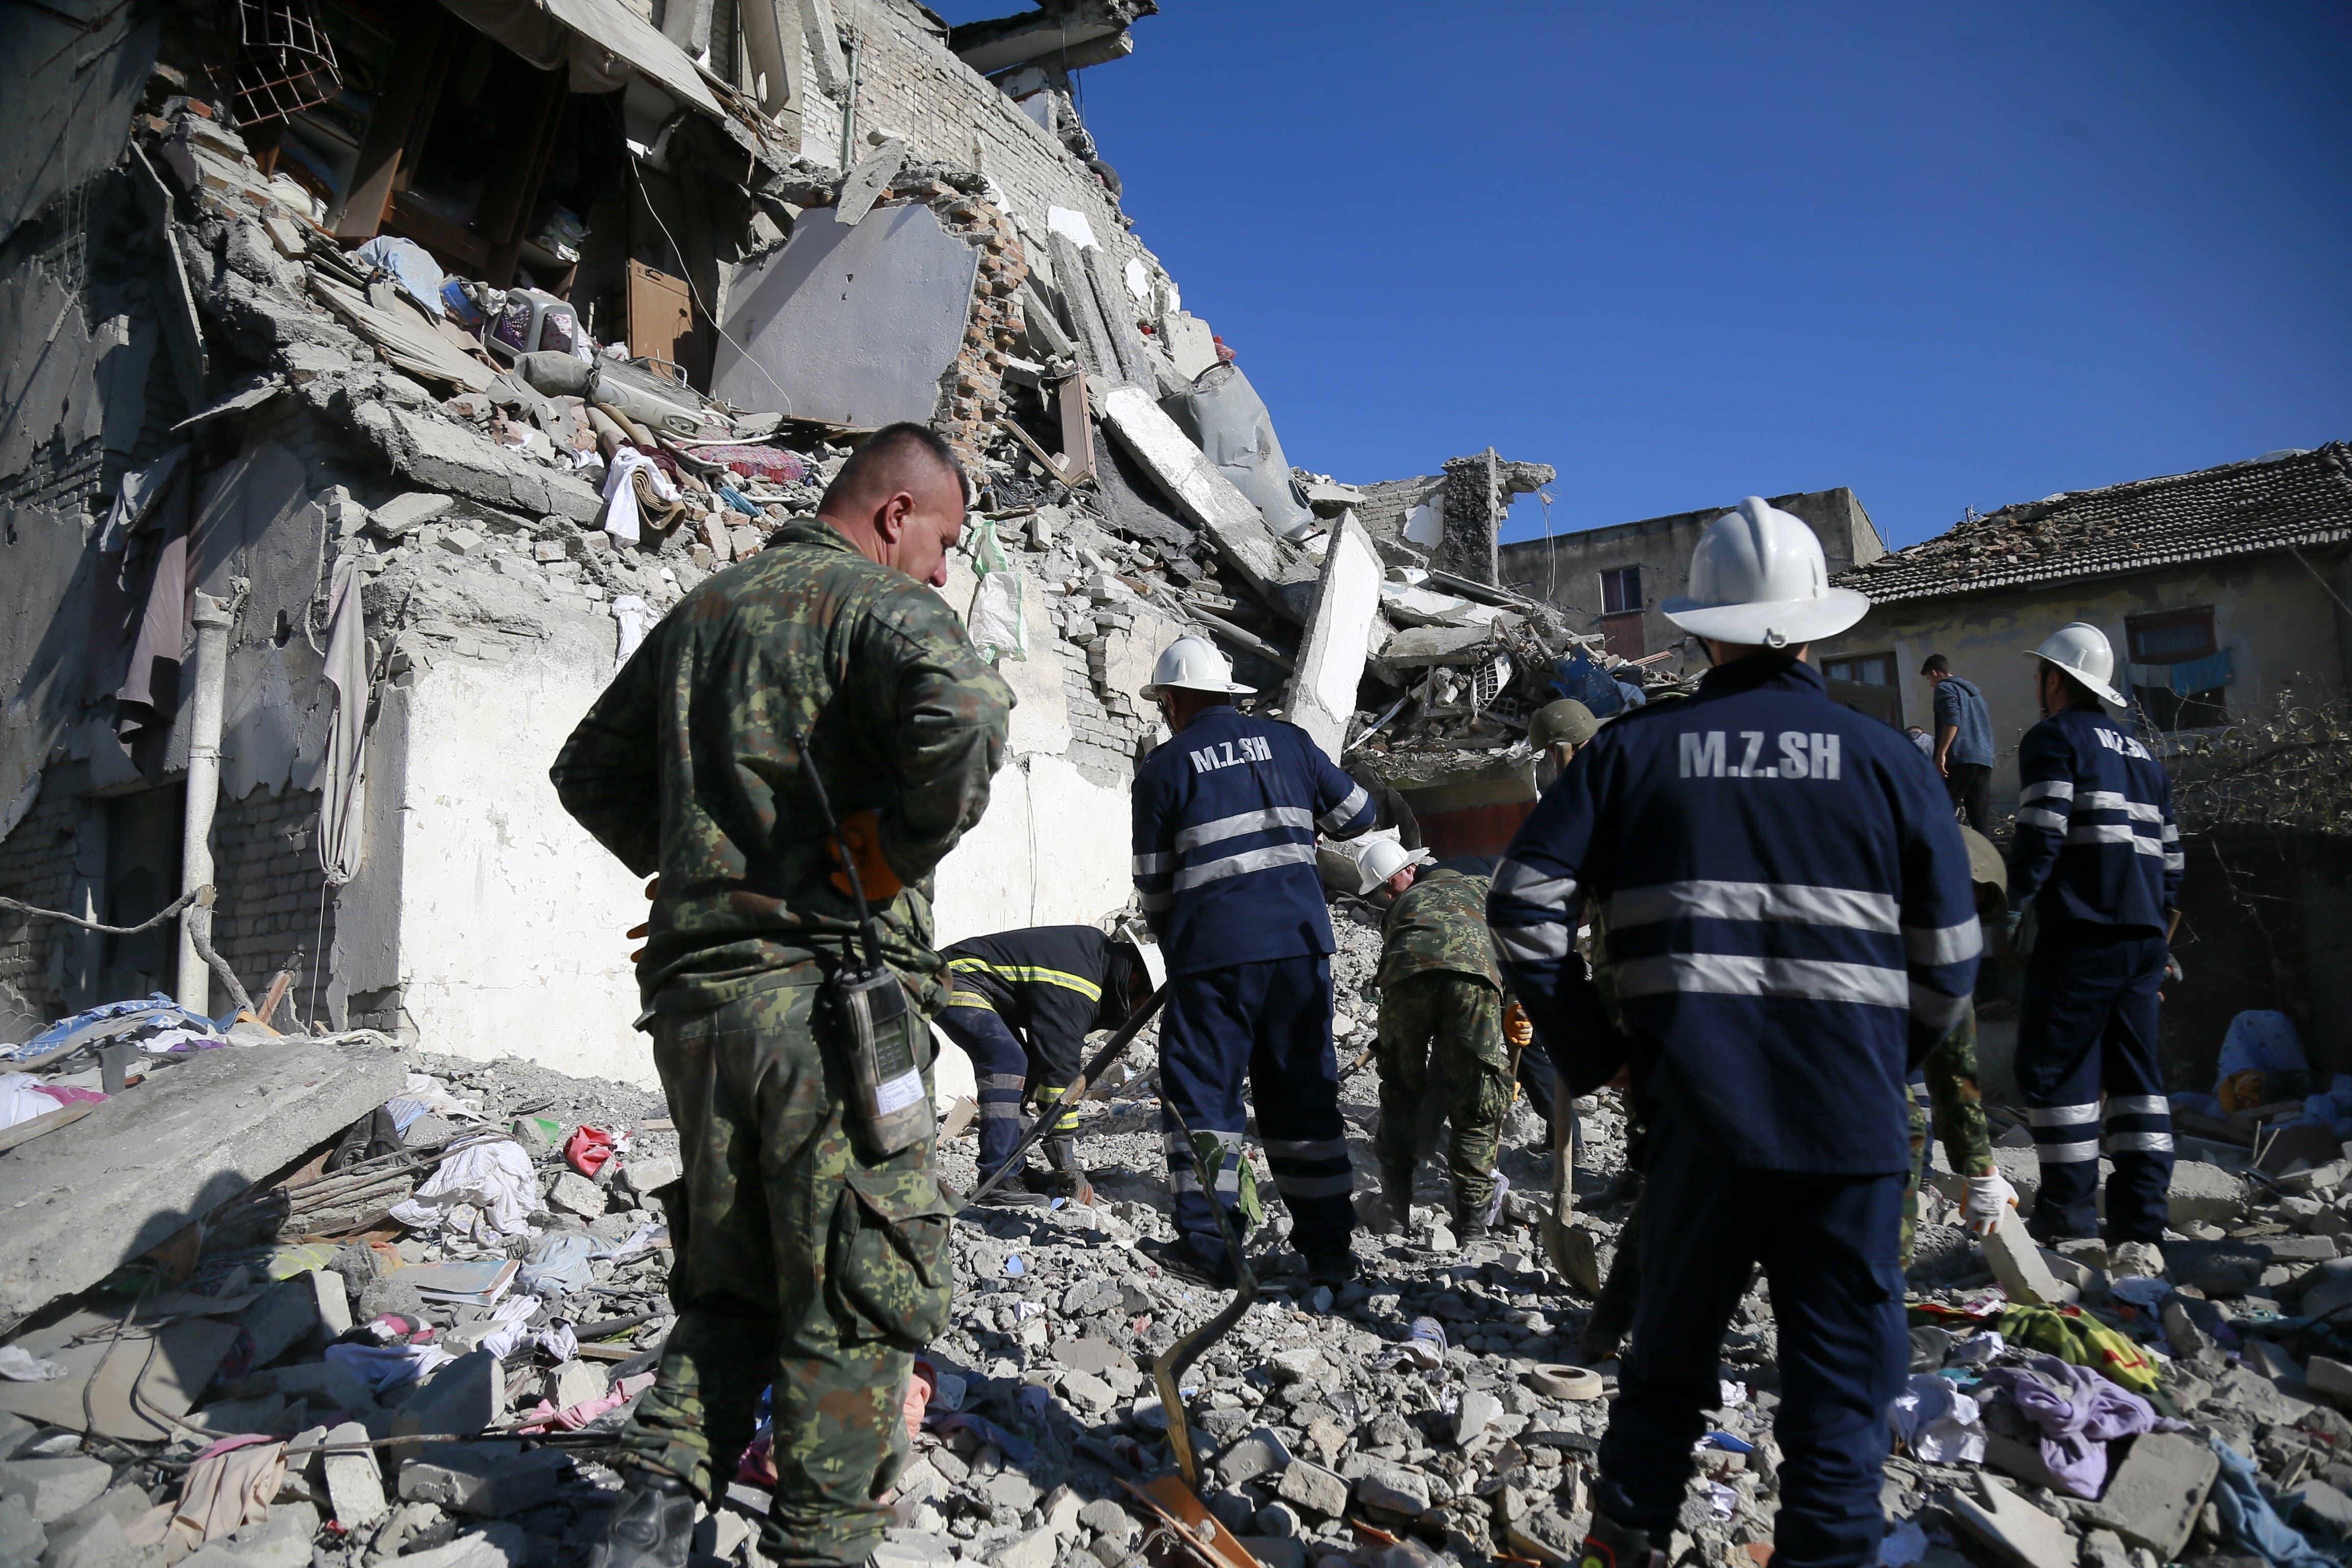 Rettungskräfte in der Ortschaft Thumane. (Bilder: Keystone/Visar Kryeziu)